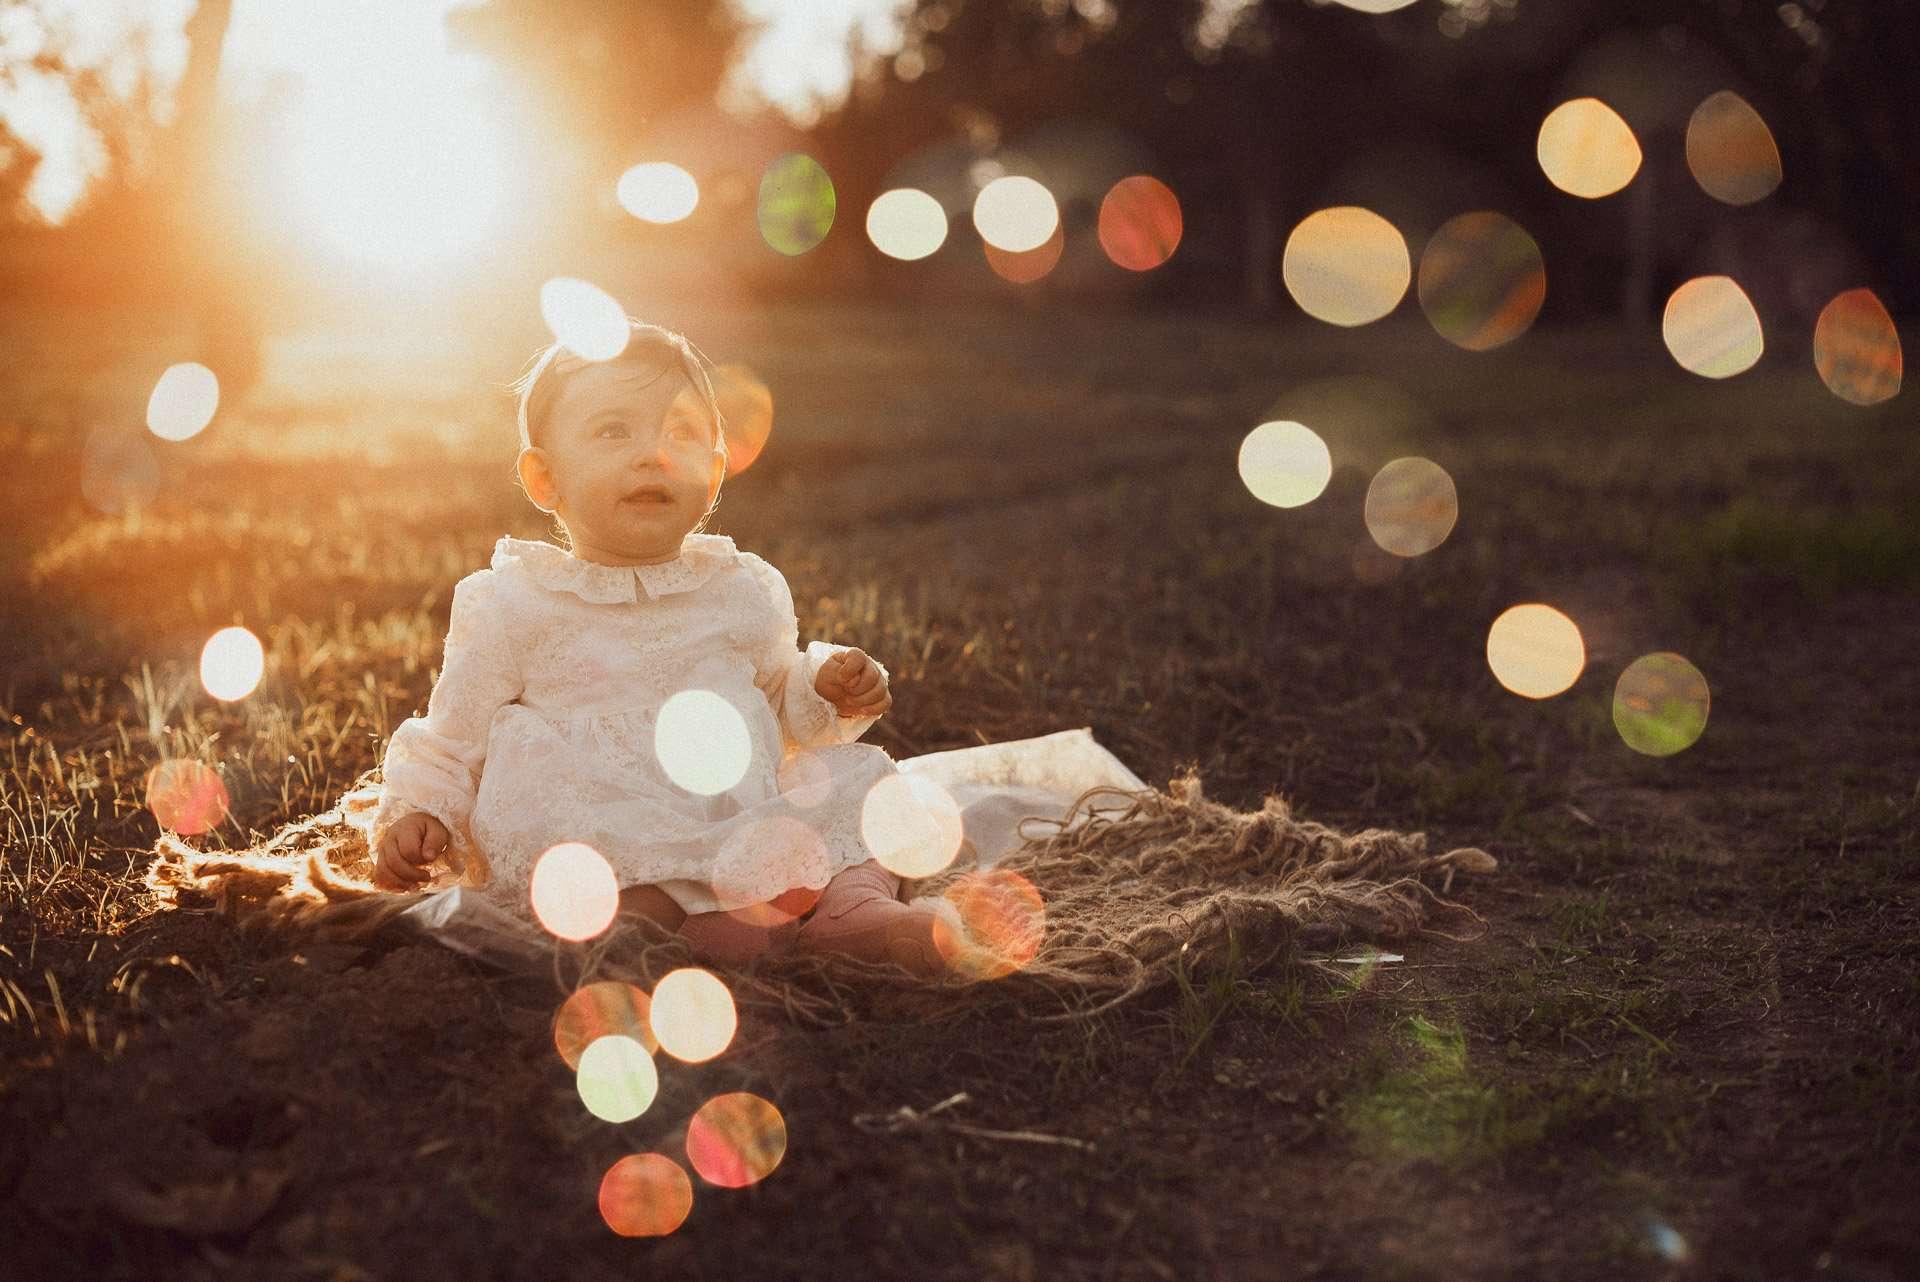 Fotografia bambina tra le bolle realizzata da Barbara Trincone Fotografo specializzato in Gravidanza, Maternità, Genitorialità, Nascita e Newborn a Napoli